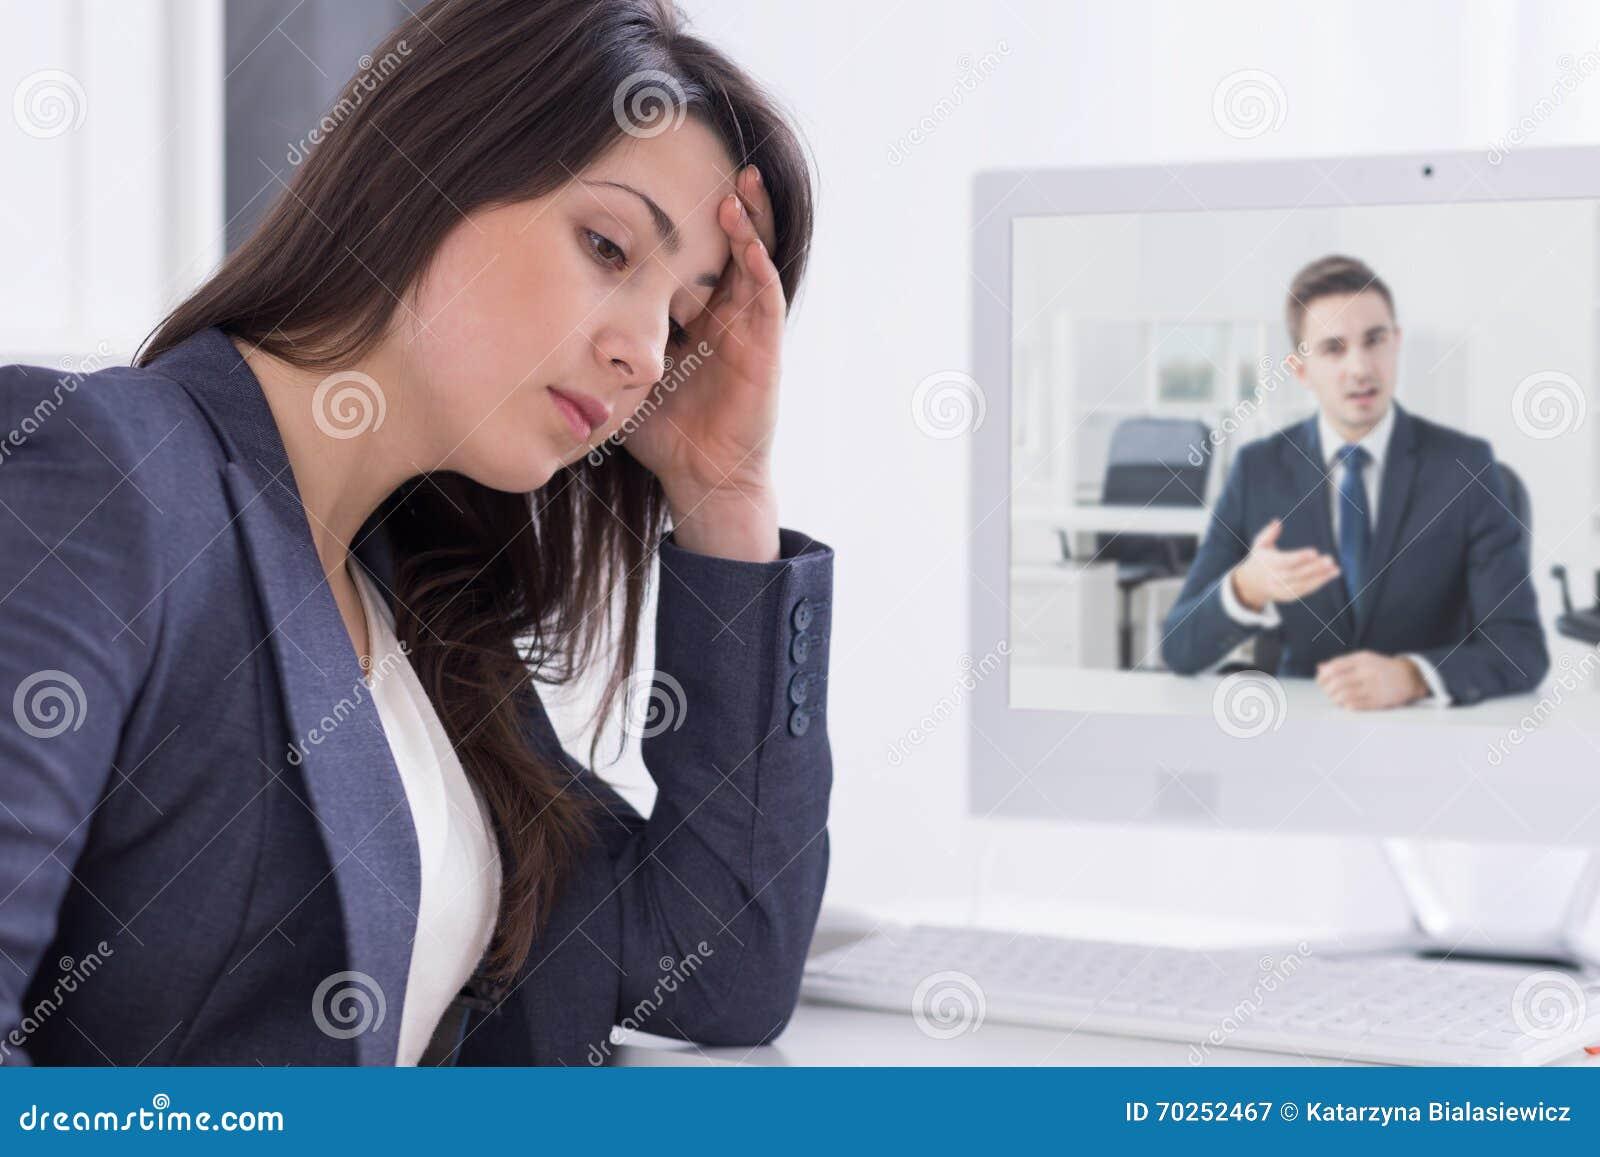 women skype id